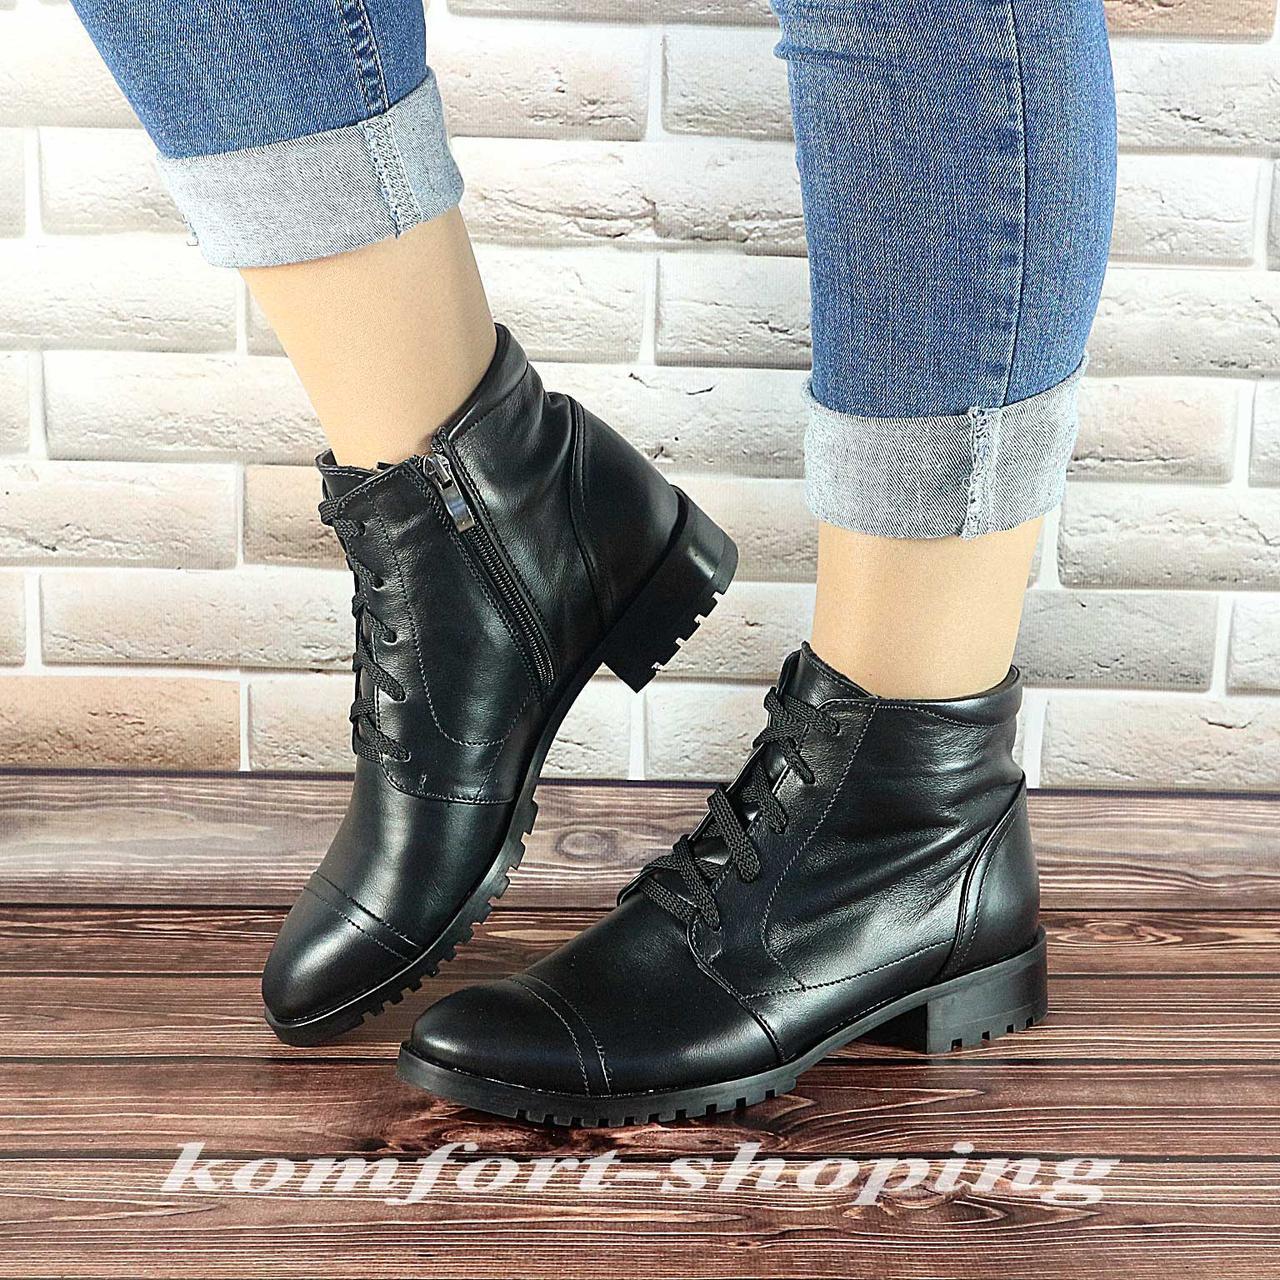 Ботинки  кожаные, черные на шнурках  V 1162